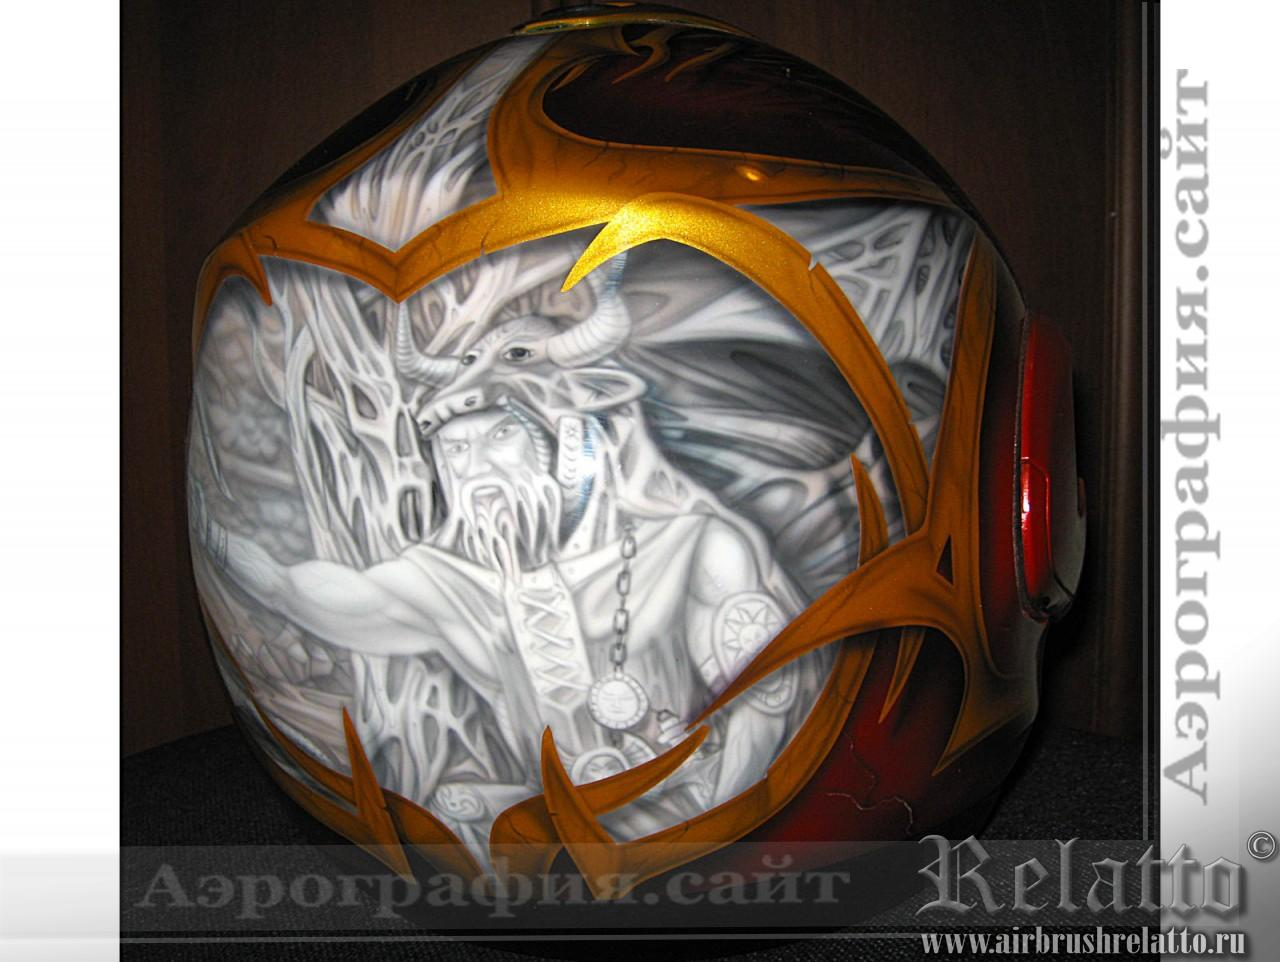 Перун рисунок на шлеме